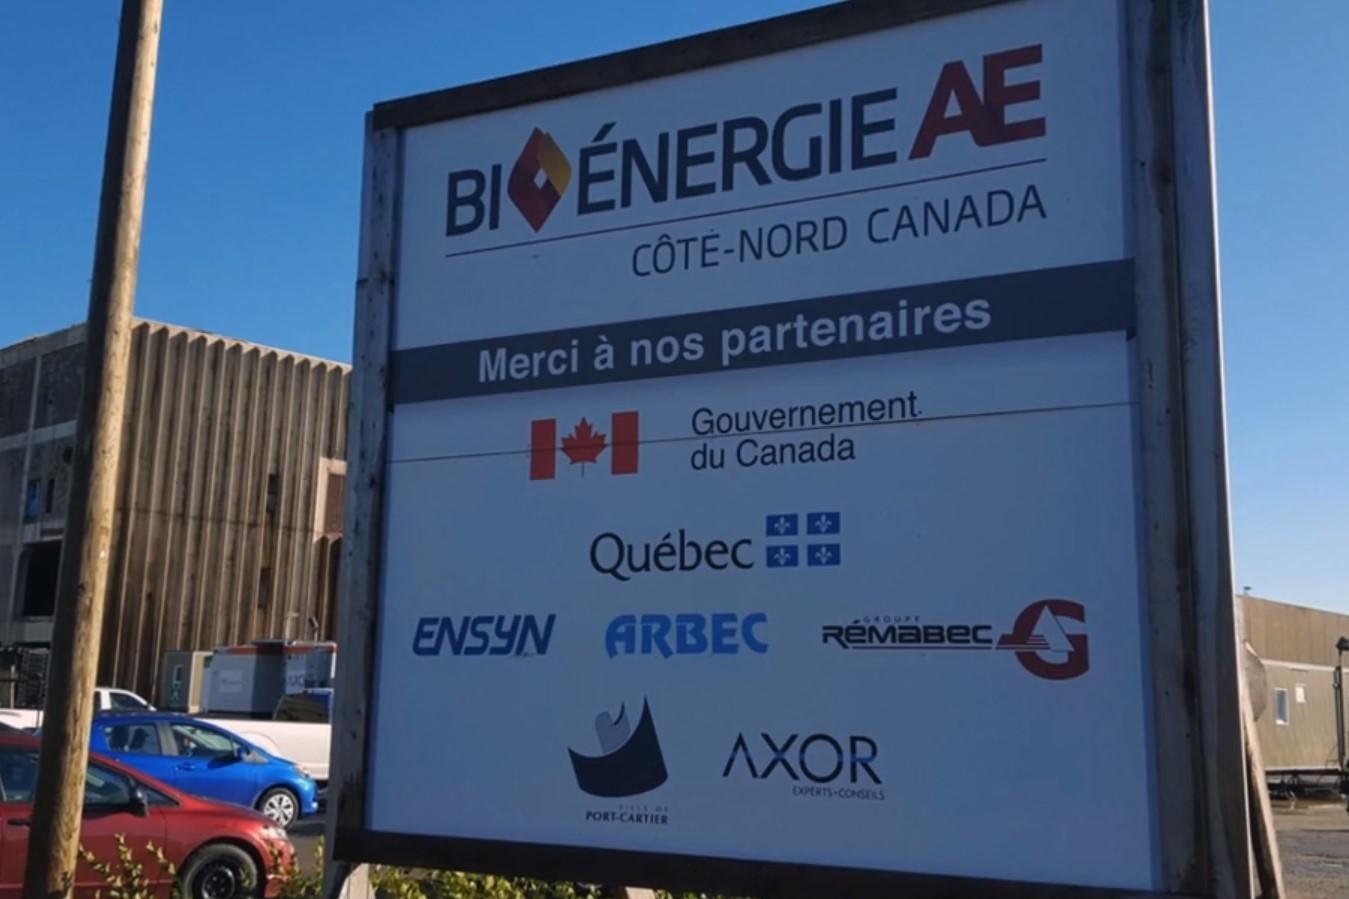 Les déboires de l'usine de biocarburants font mal aux entrepreneurs locaux